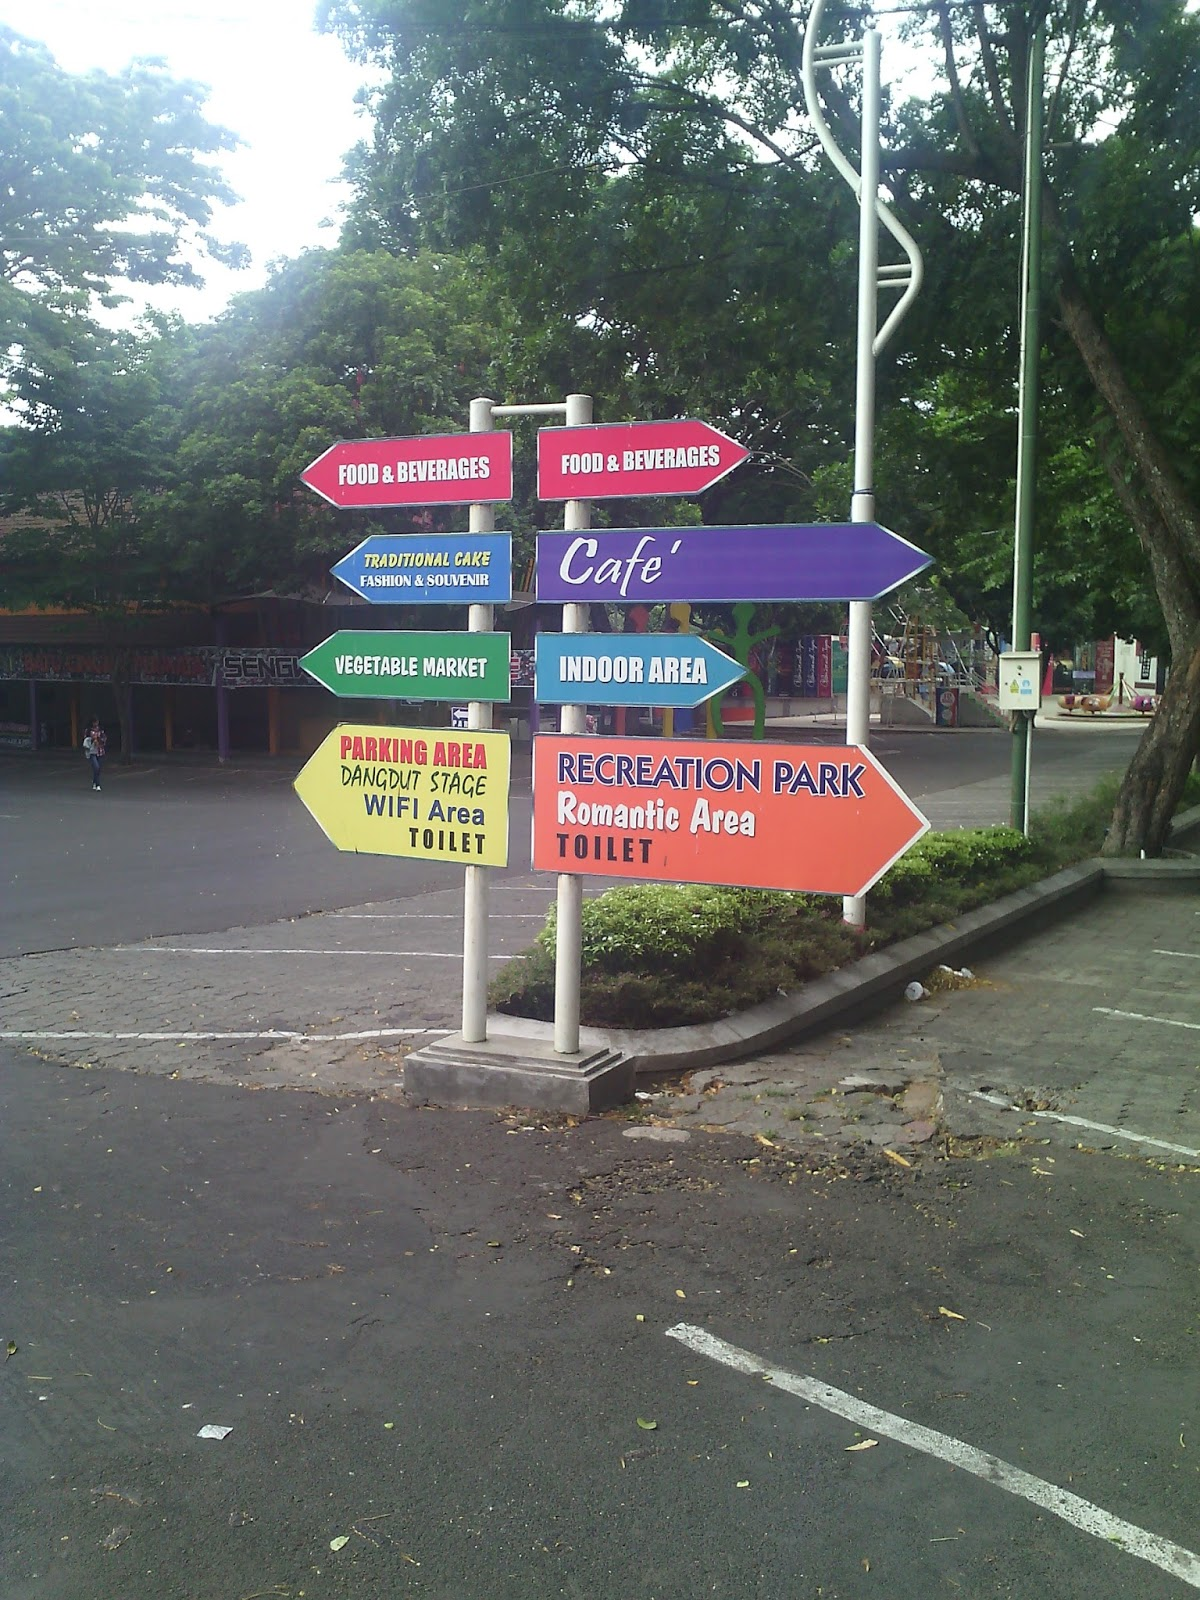 Harga tiket masuk ke Taman Rekreasi Sengkaling ini termasuk relatif murah dimana MASUK TAMAN REKREASI SENGKALING HTM perorangan Rp 25 000 pintu utama